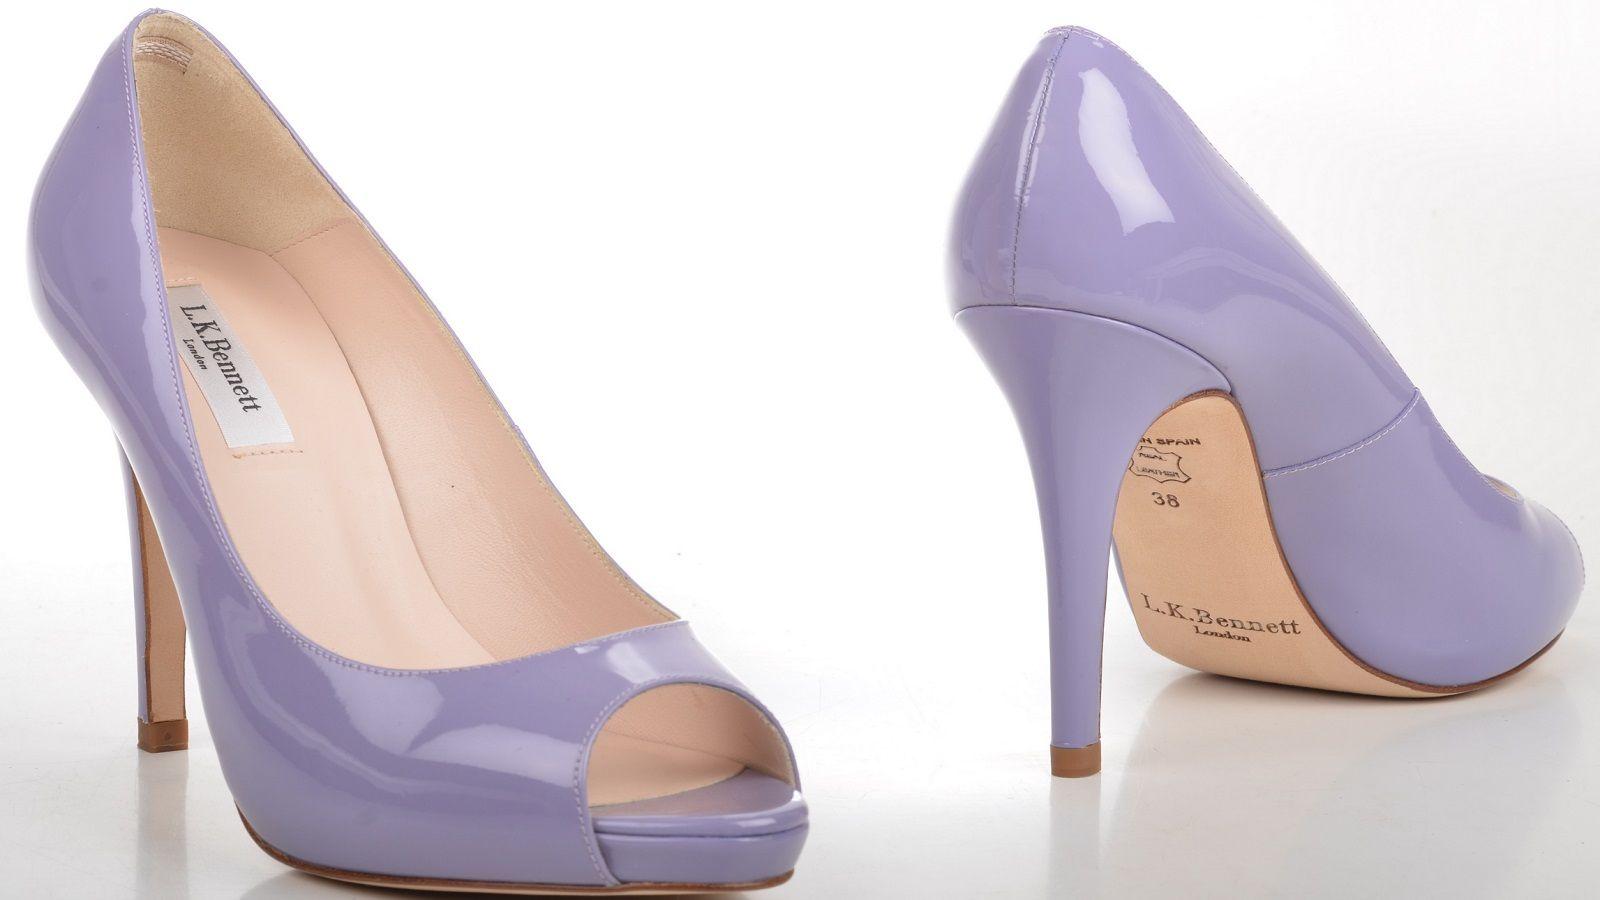 b91ccb45ef915 Si possono abbinare le scarpe open toe con le calze